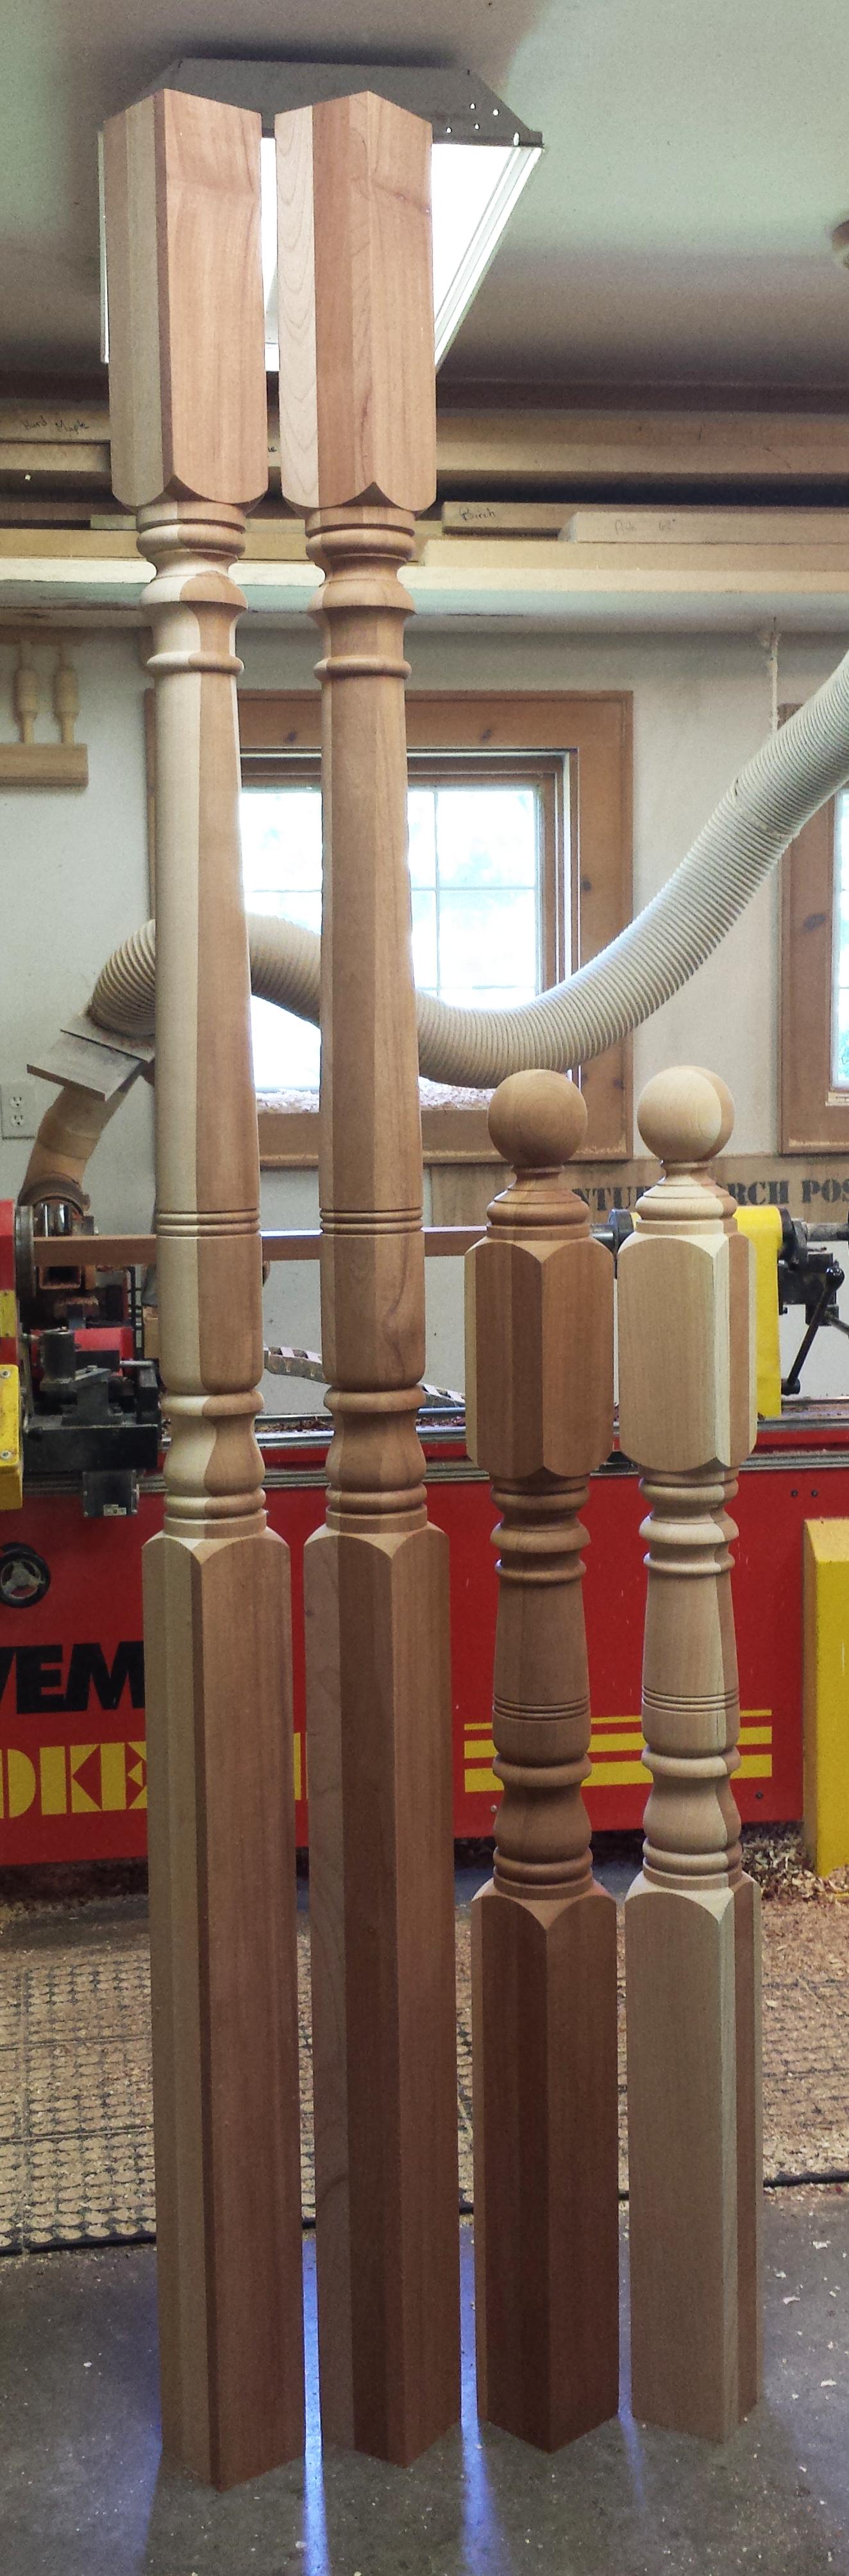 Best Porch And Newel Posts In Spanish Cedar Our Victorian Pattern Con Imágenes Disenos De Unas 400 x 300